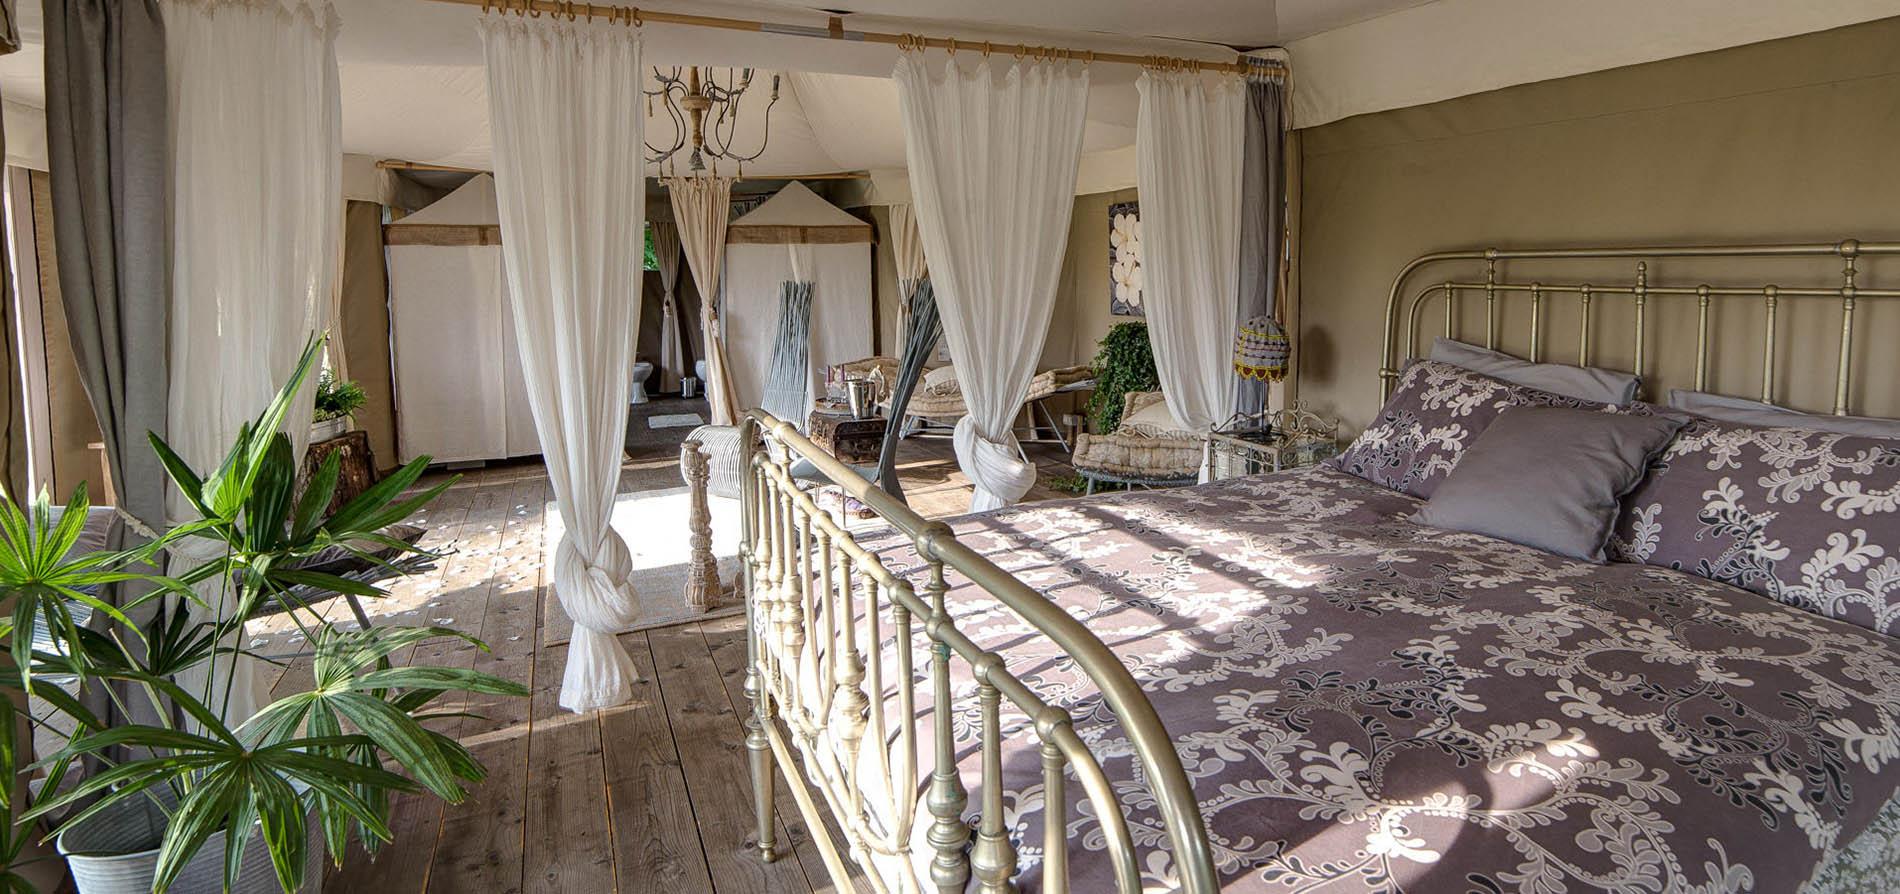 La zona notte della suite-tent del Glamping con un lussuoso letto matrimoniale